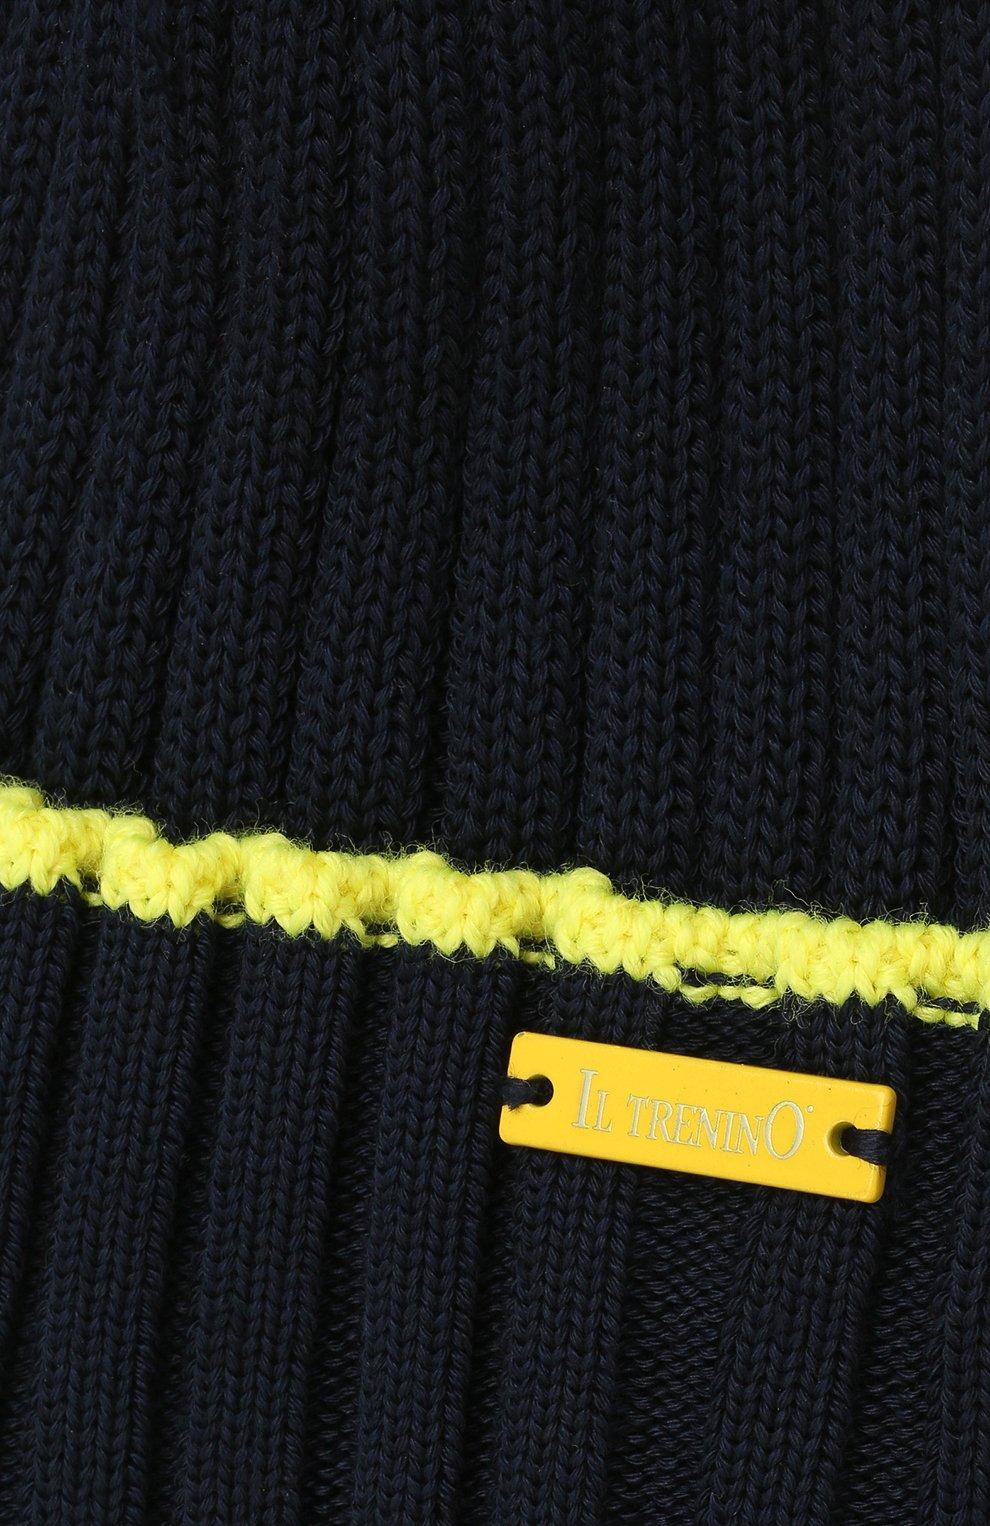 Детского хлопковая шапка IL TRENINO темно-синего цвета, арт. 21 5052   Фото 3 (Материал: Текстиль, Хлопок)